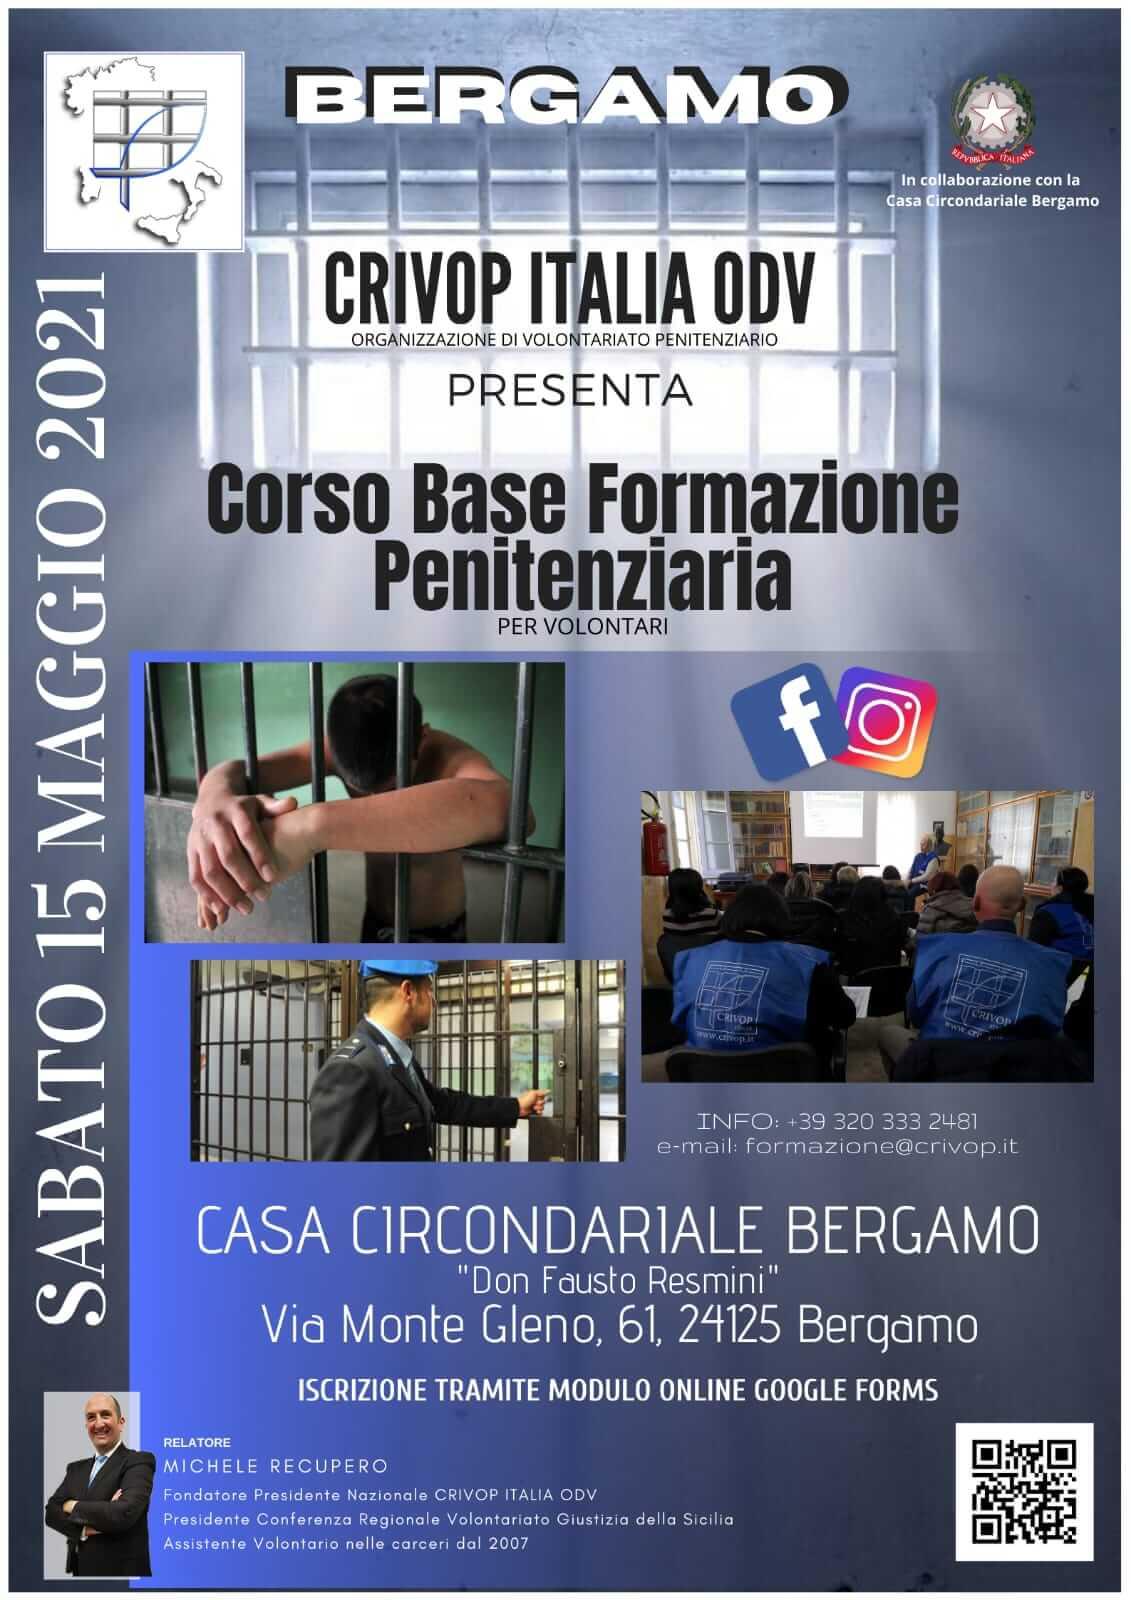 Corso Base Formazione Penitenziaria a Bergamo